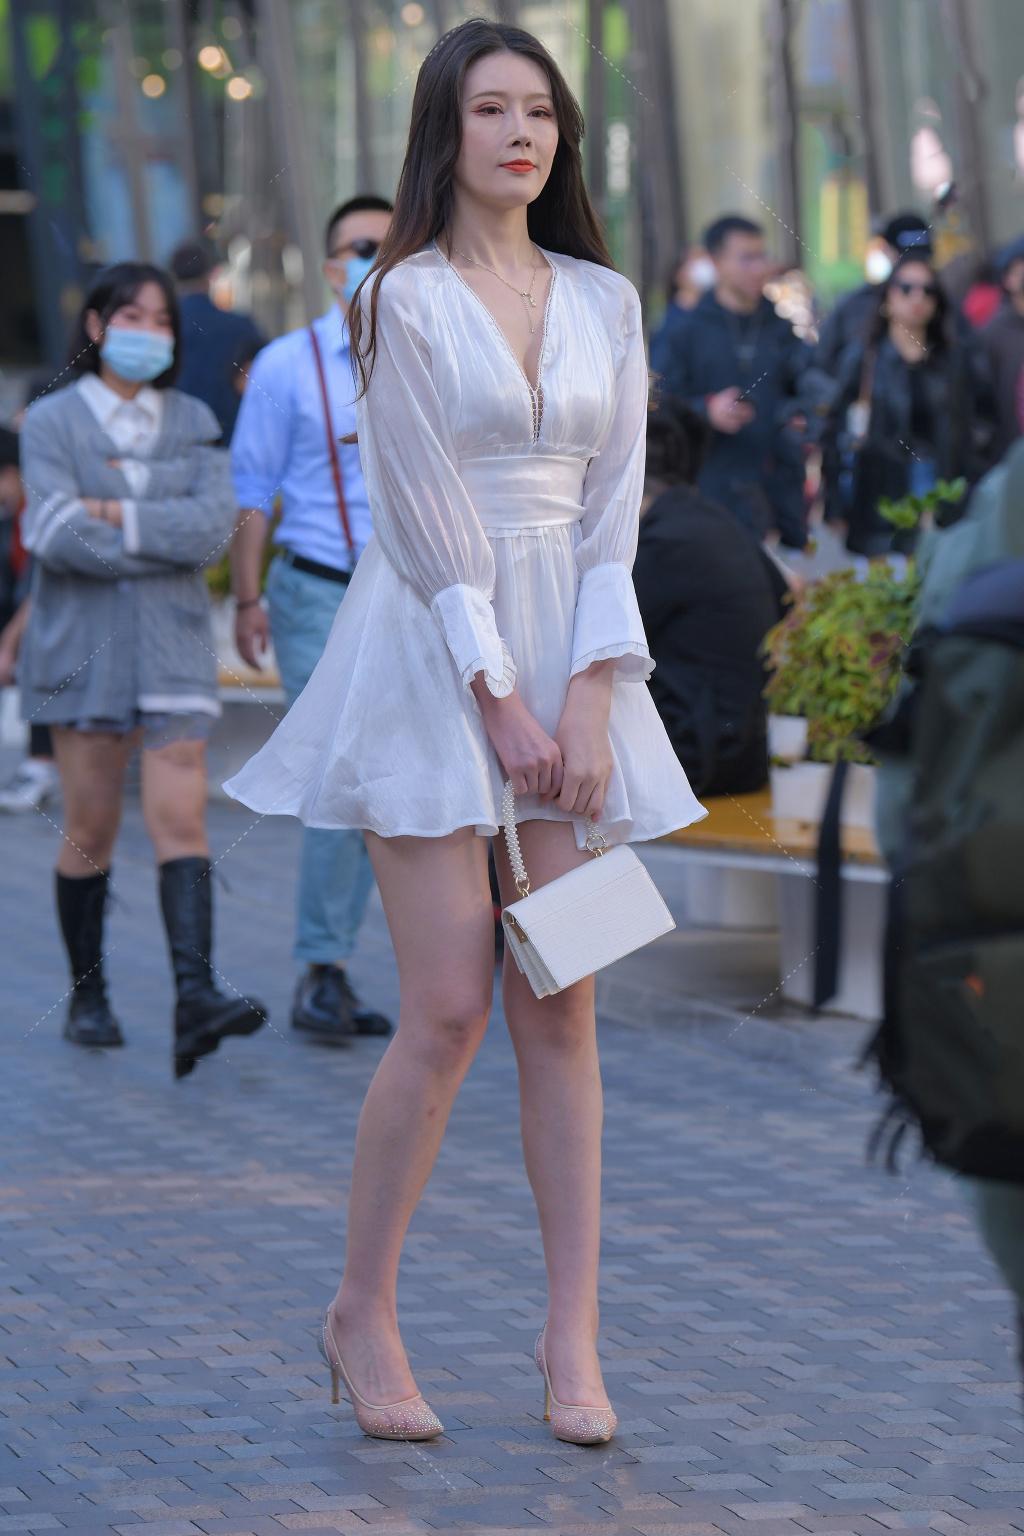 穿搭任性的女生,秋天依旧选择清爽短裙,只为追求飘逸浪漫的美